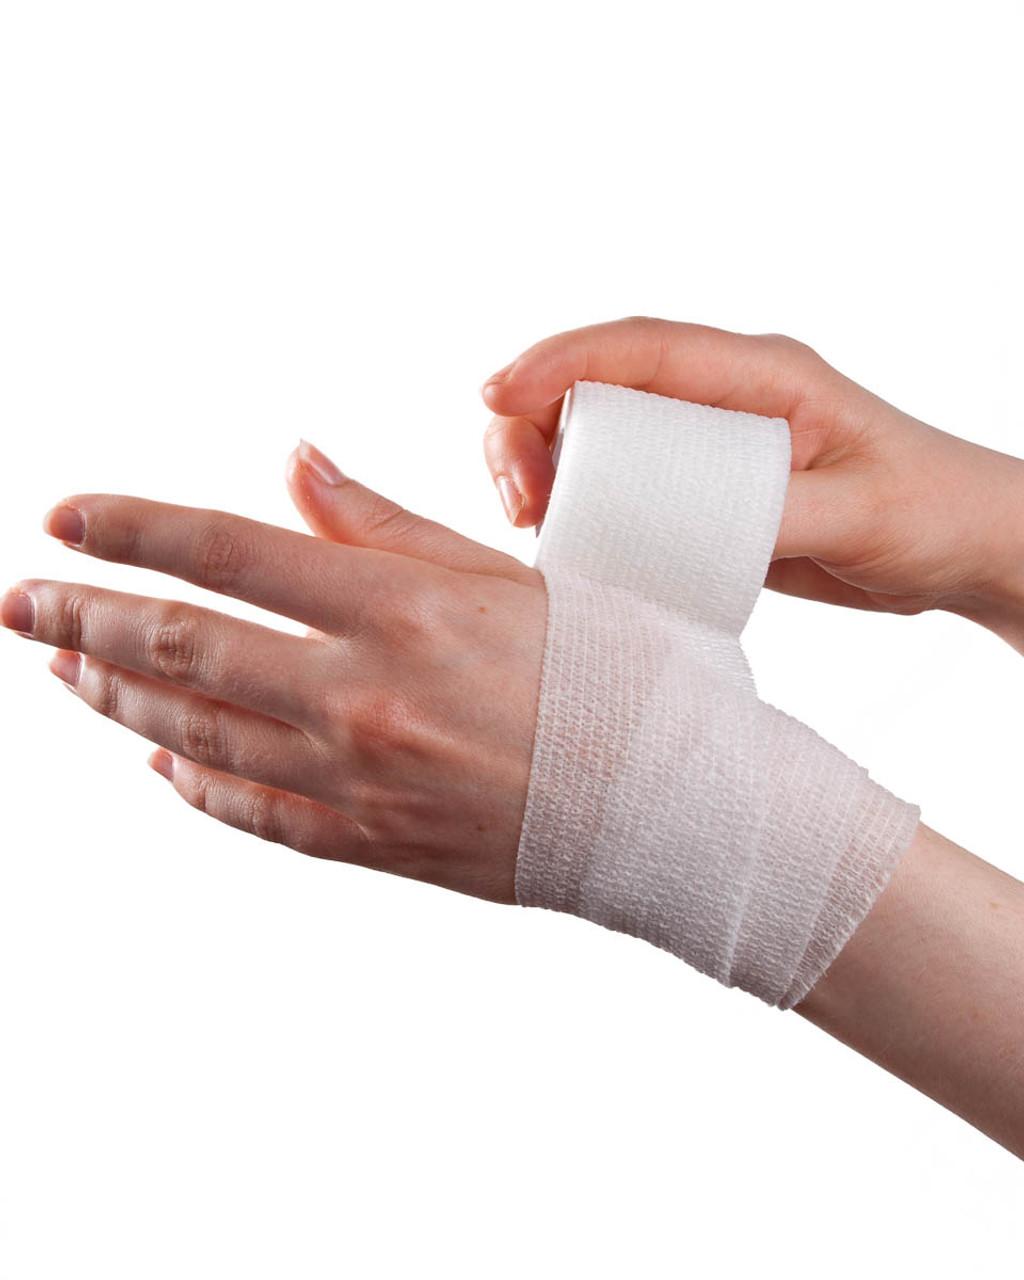 latex free cohesive bandage hypoallergenic vetrap equivalent